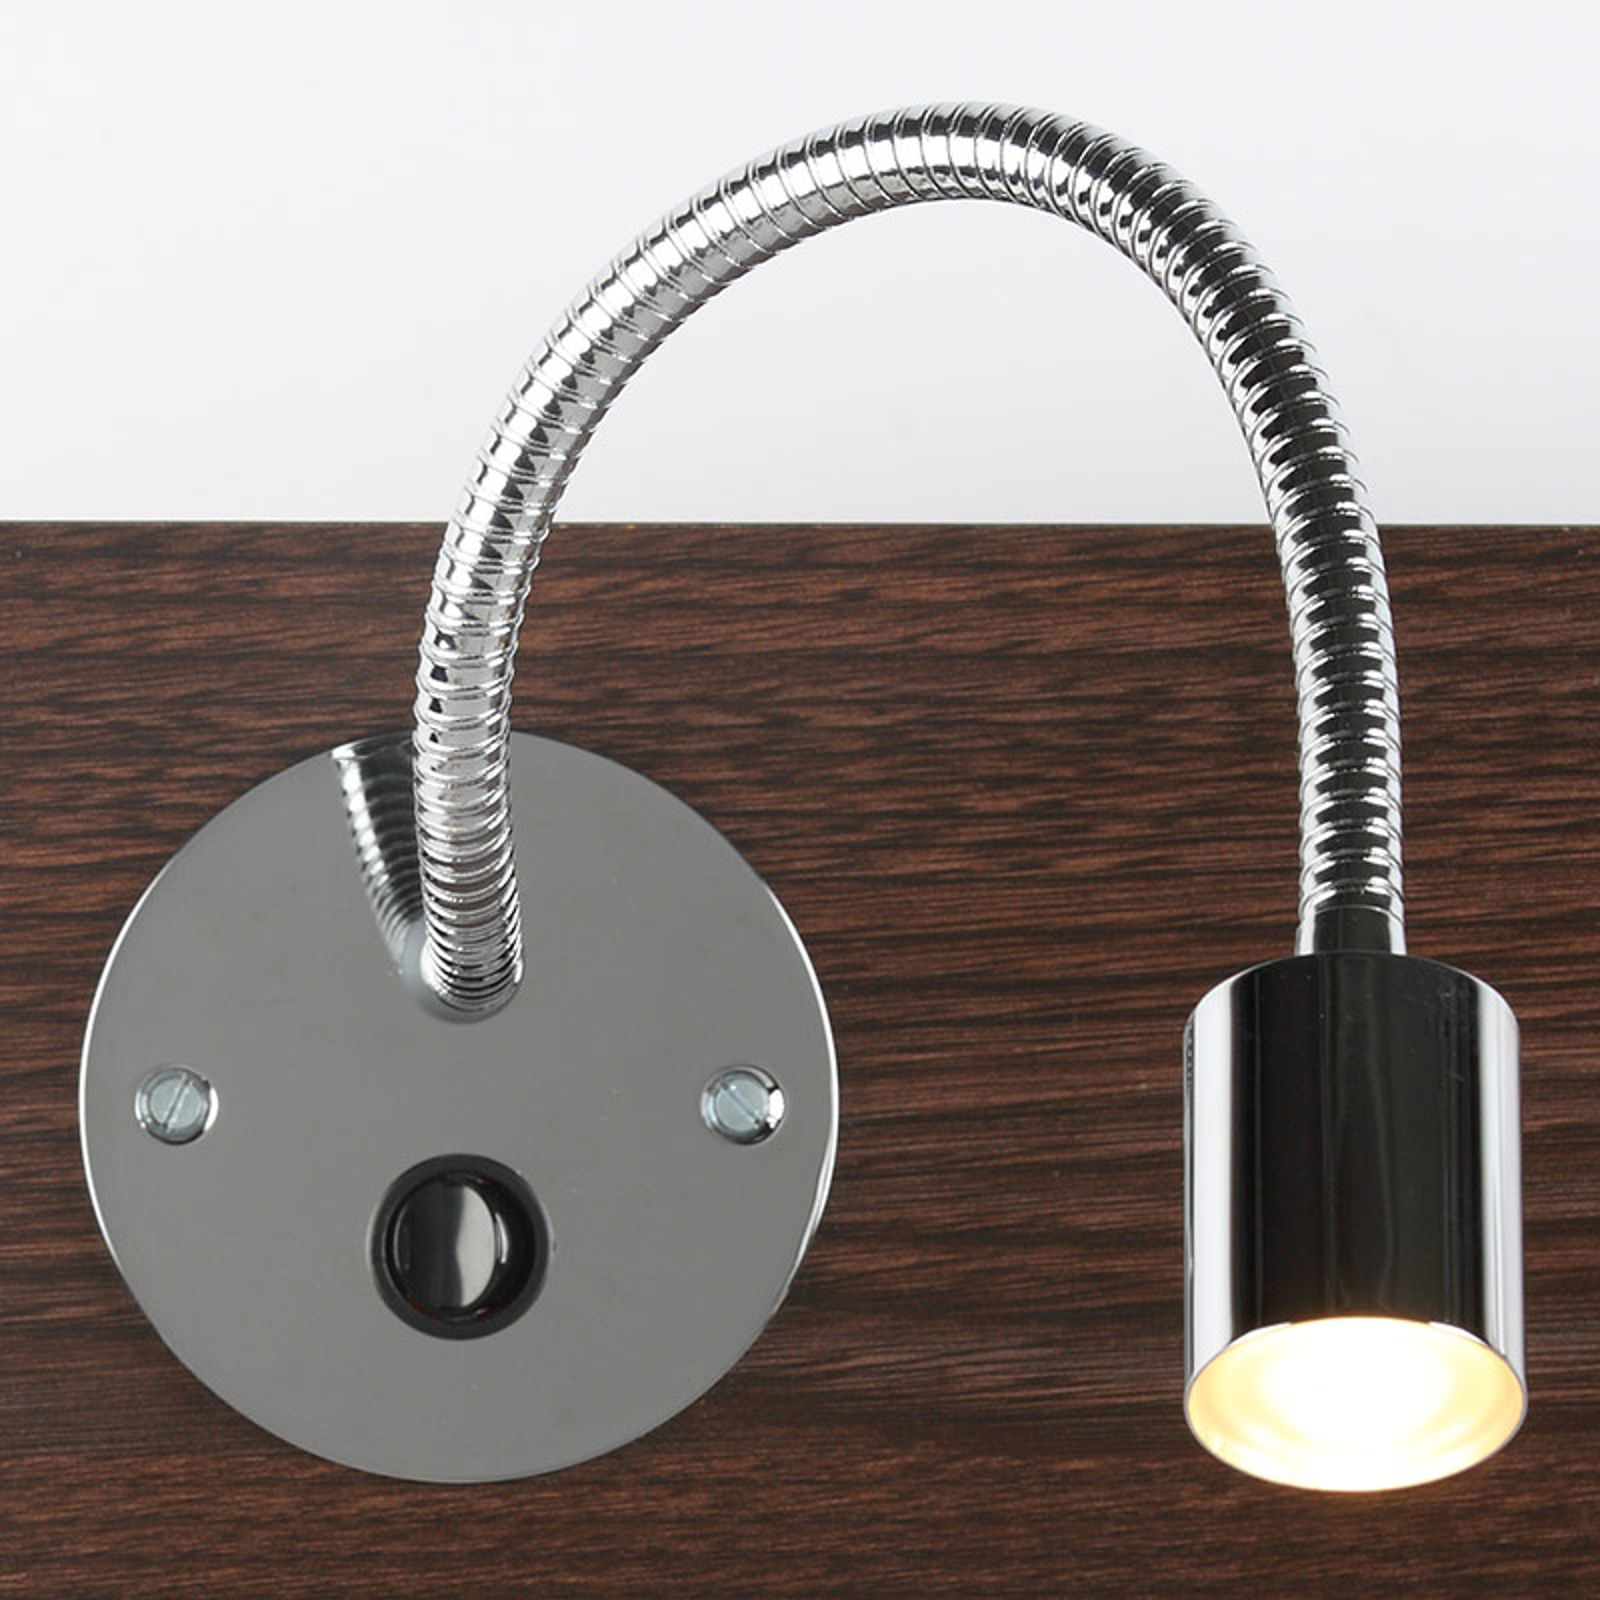 Applique encastrée LED LD-19 bras flexible, chromé